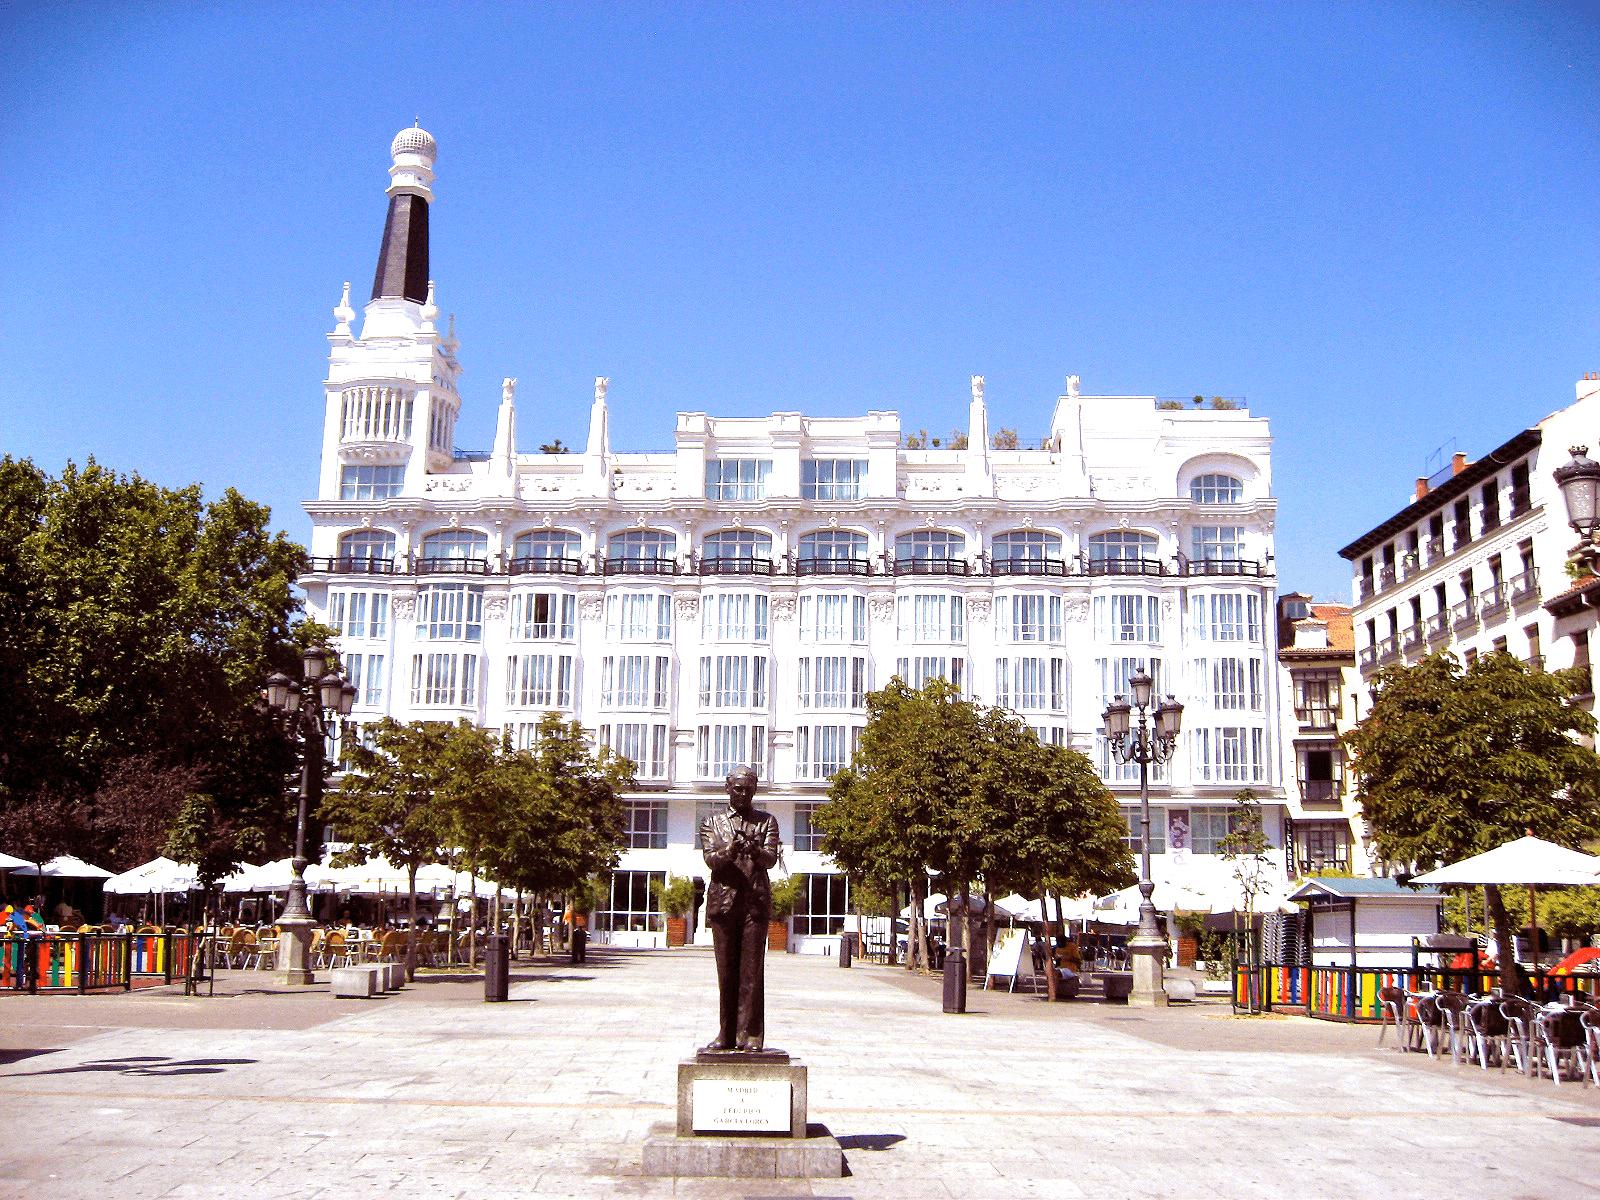 visita guiada al Madrid de Cervantes y de las Letras - Conoce nuestras visitas guiadas con guía privado en Madrid